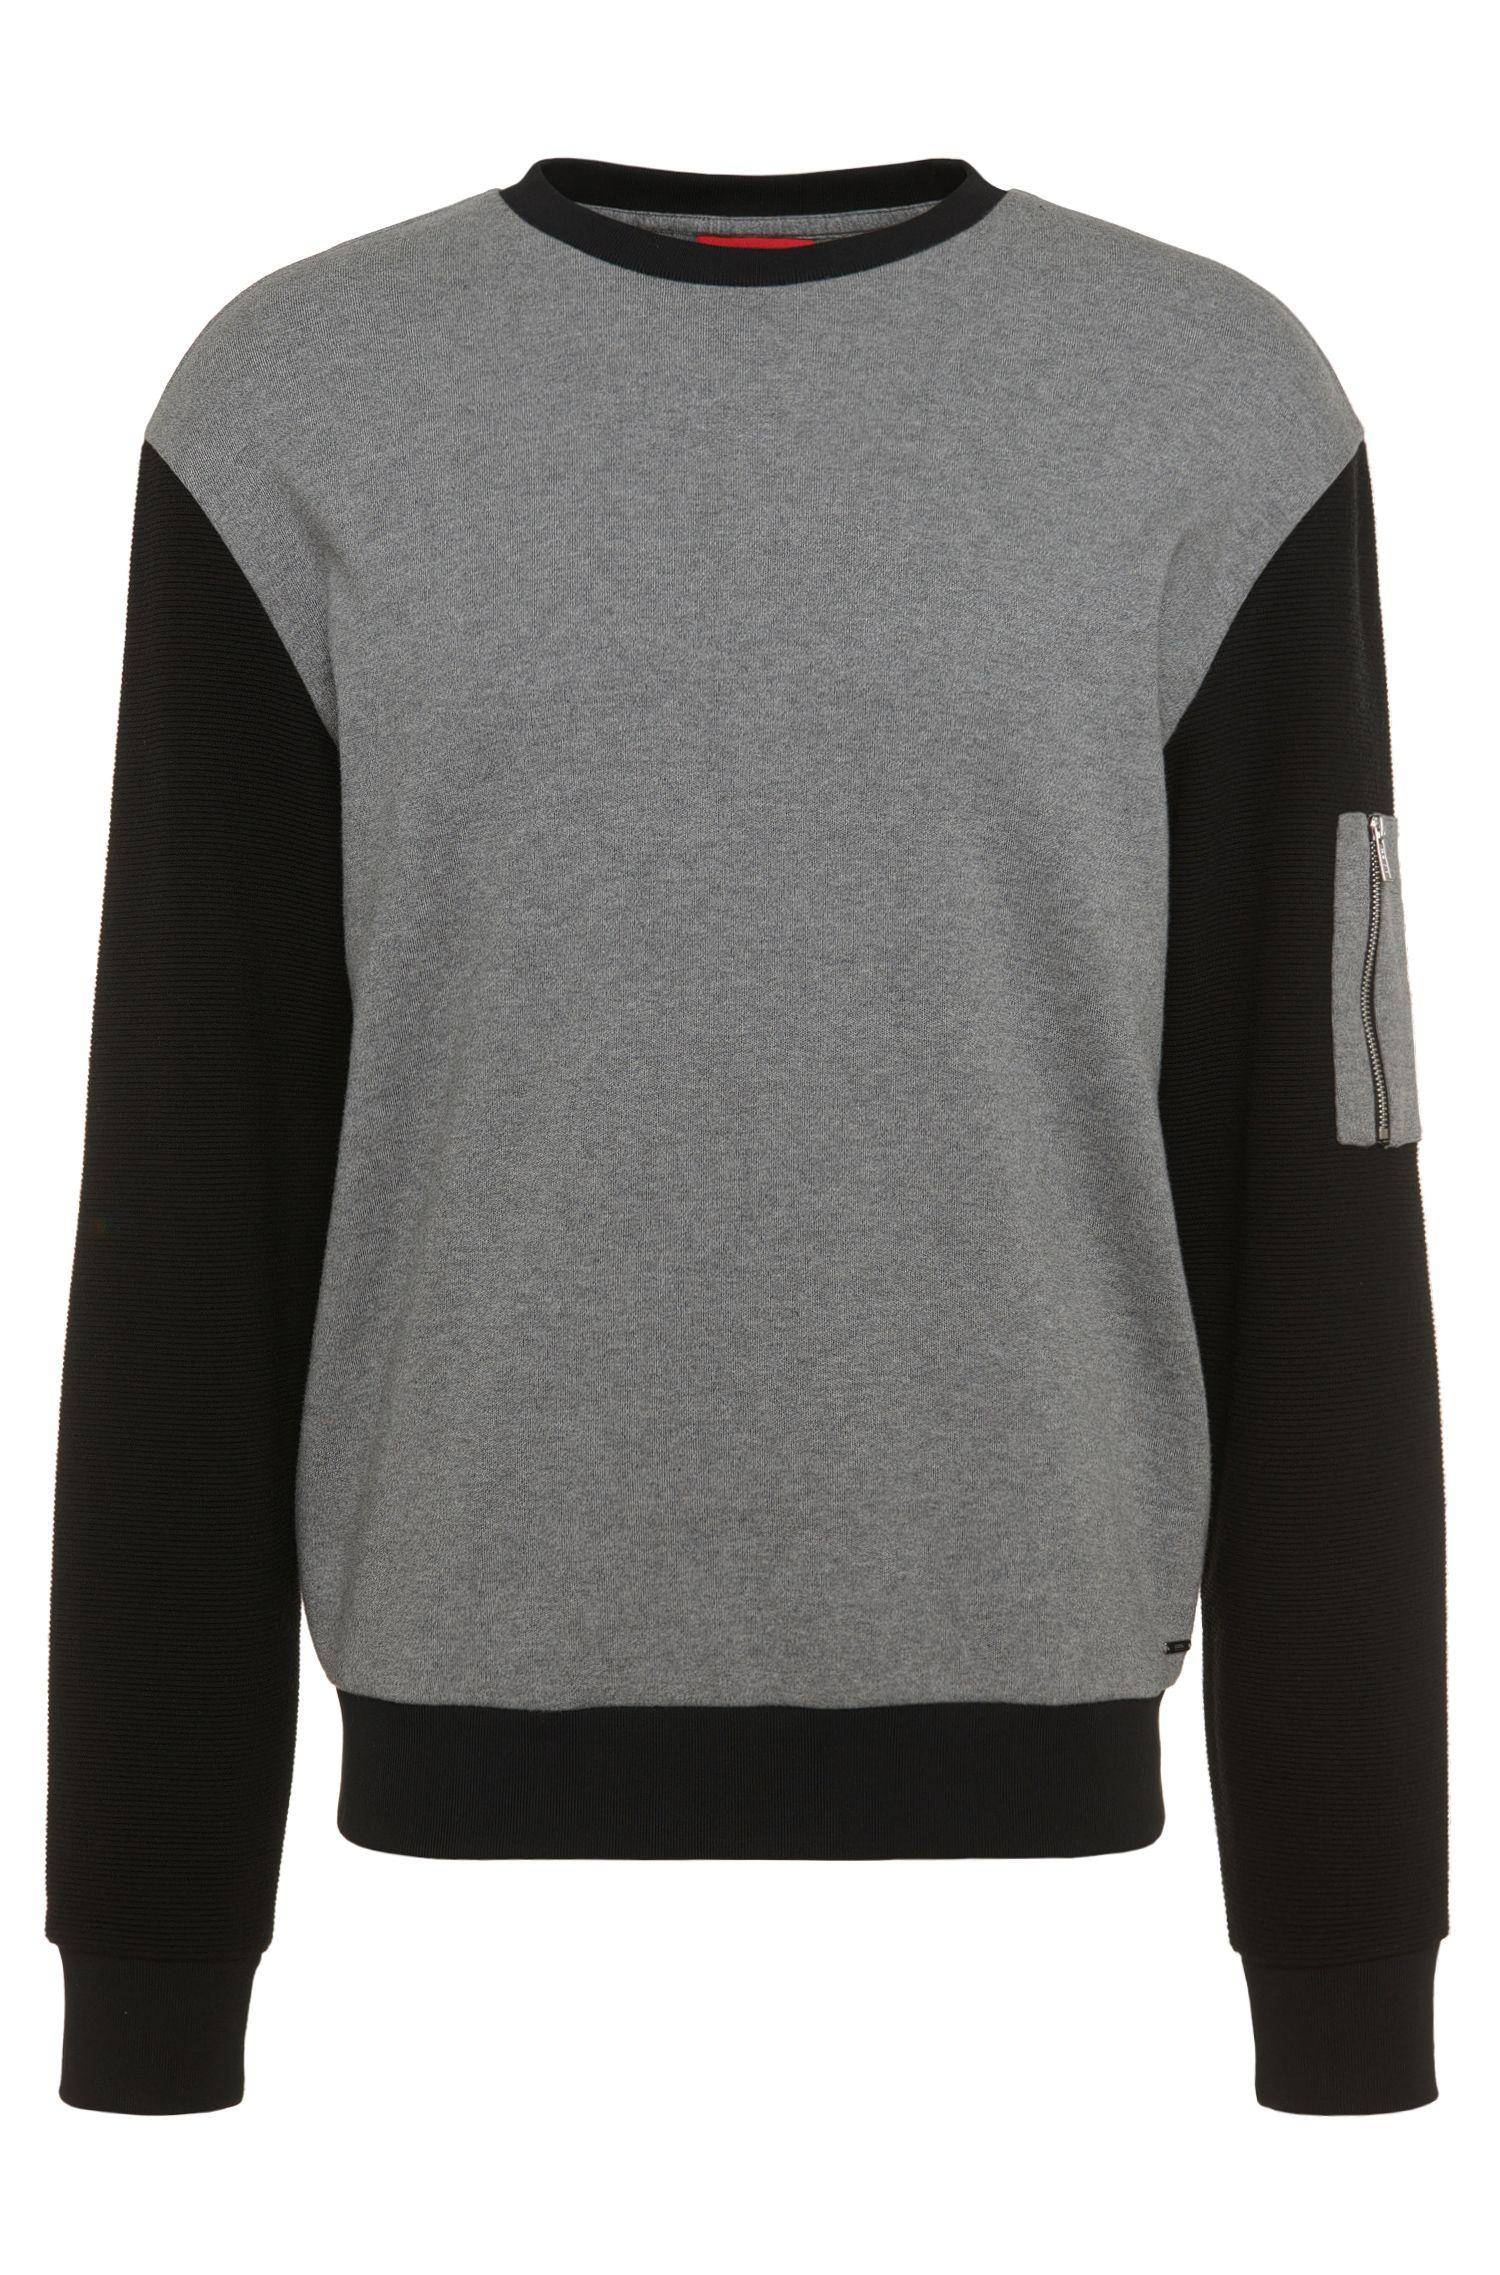 'Danremo' | Cotton Colorblocked Sweatshirt